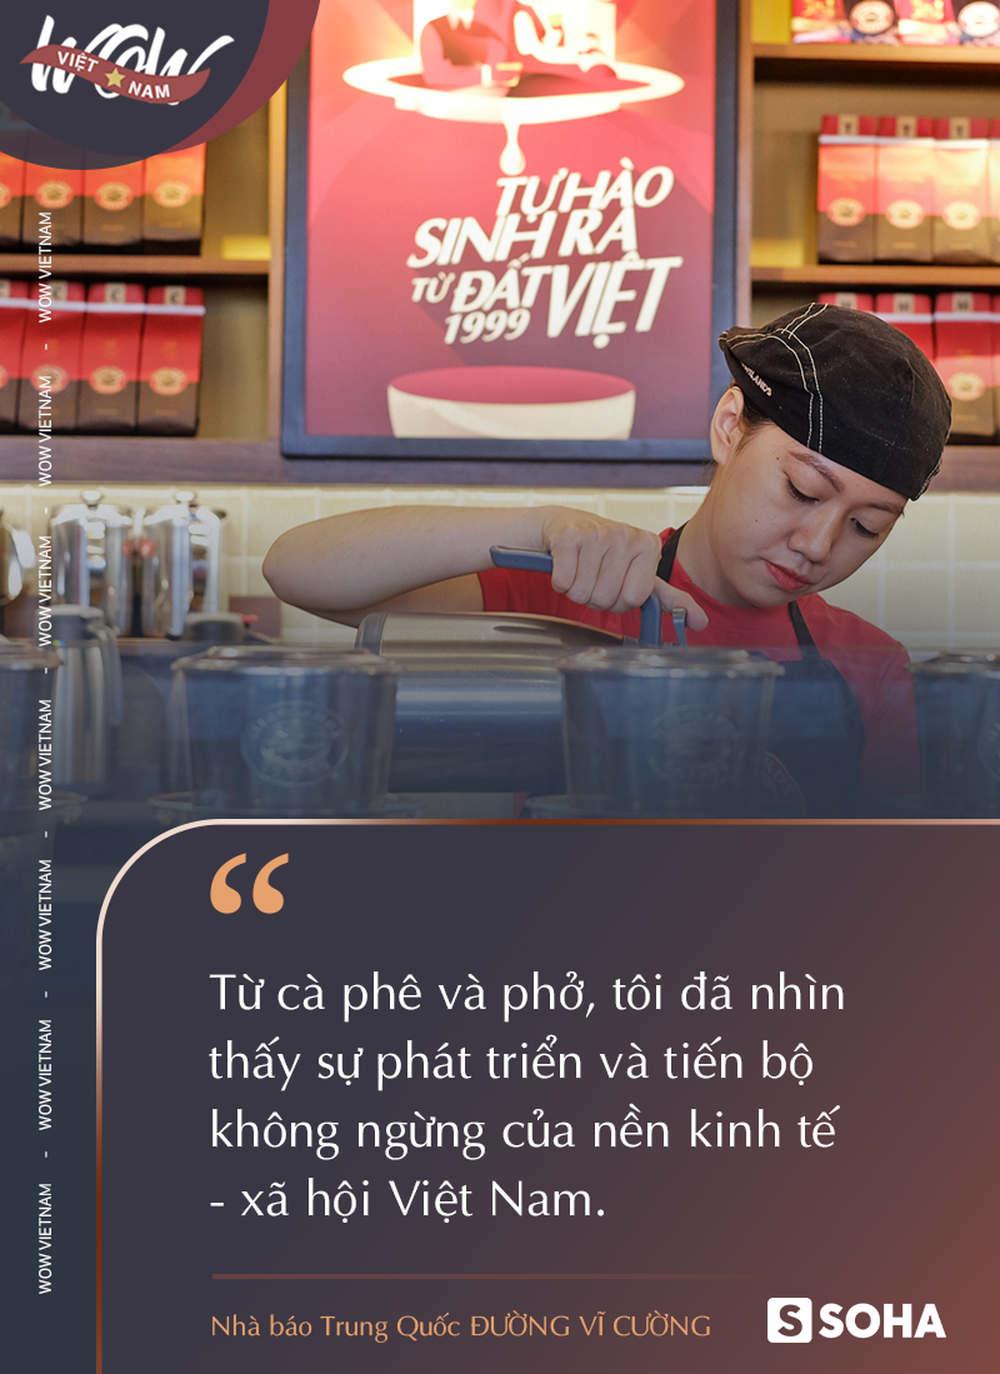 Ghiền món Việt, nhà báo Trung Quốc thốt lên: Cà phê và phở cho tôi thấy sự phát triển của Việt Nam - Ảnh 3.